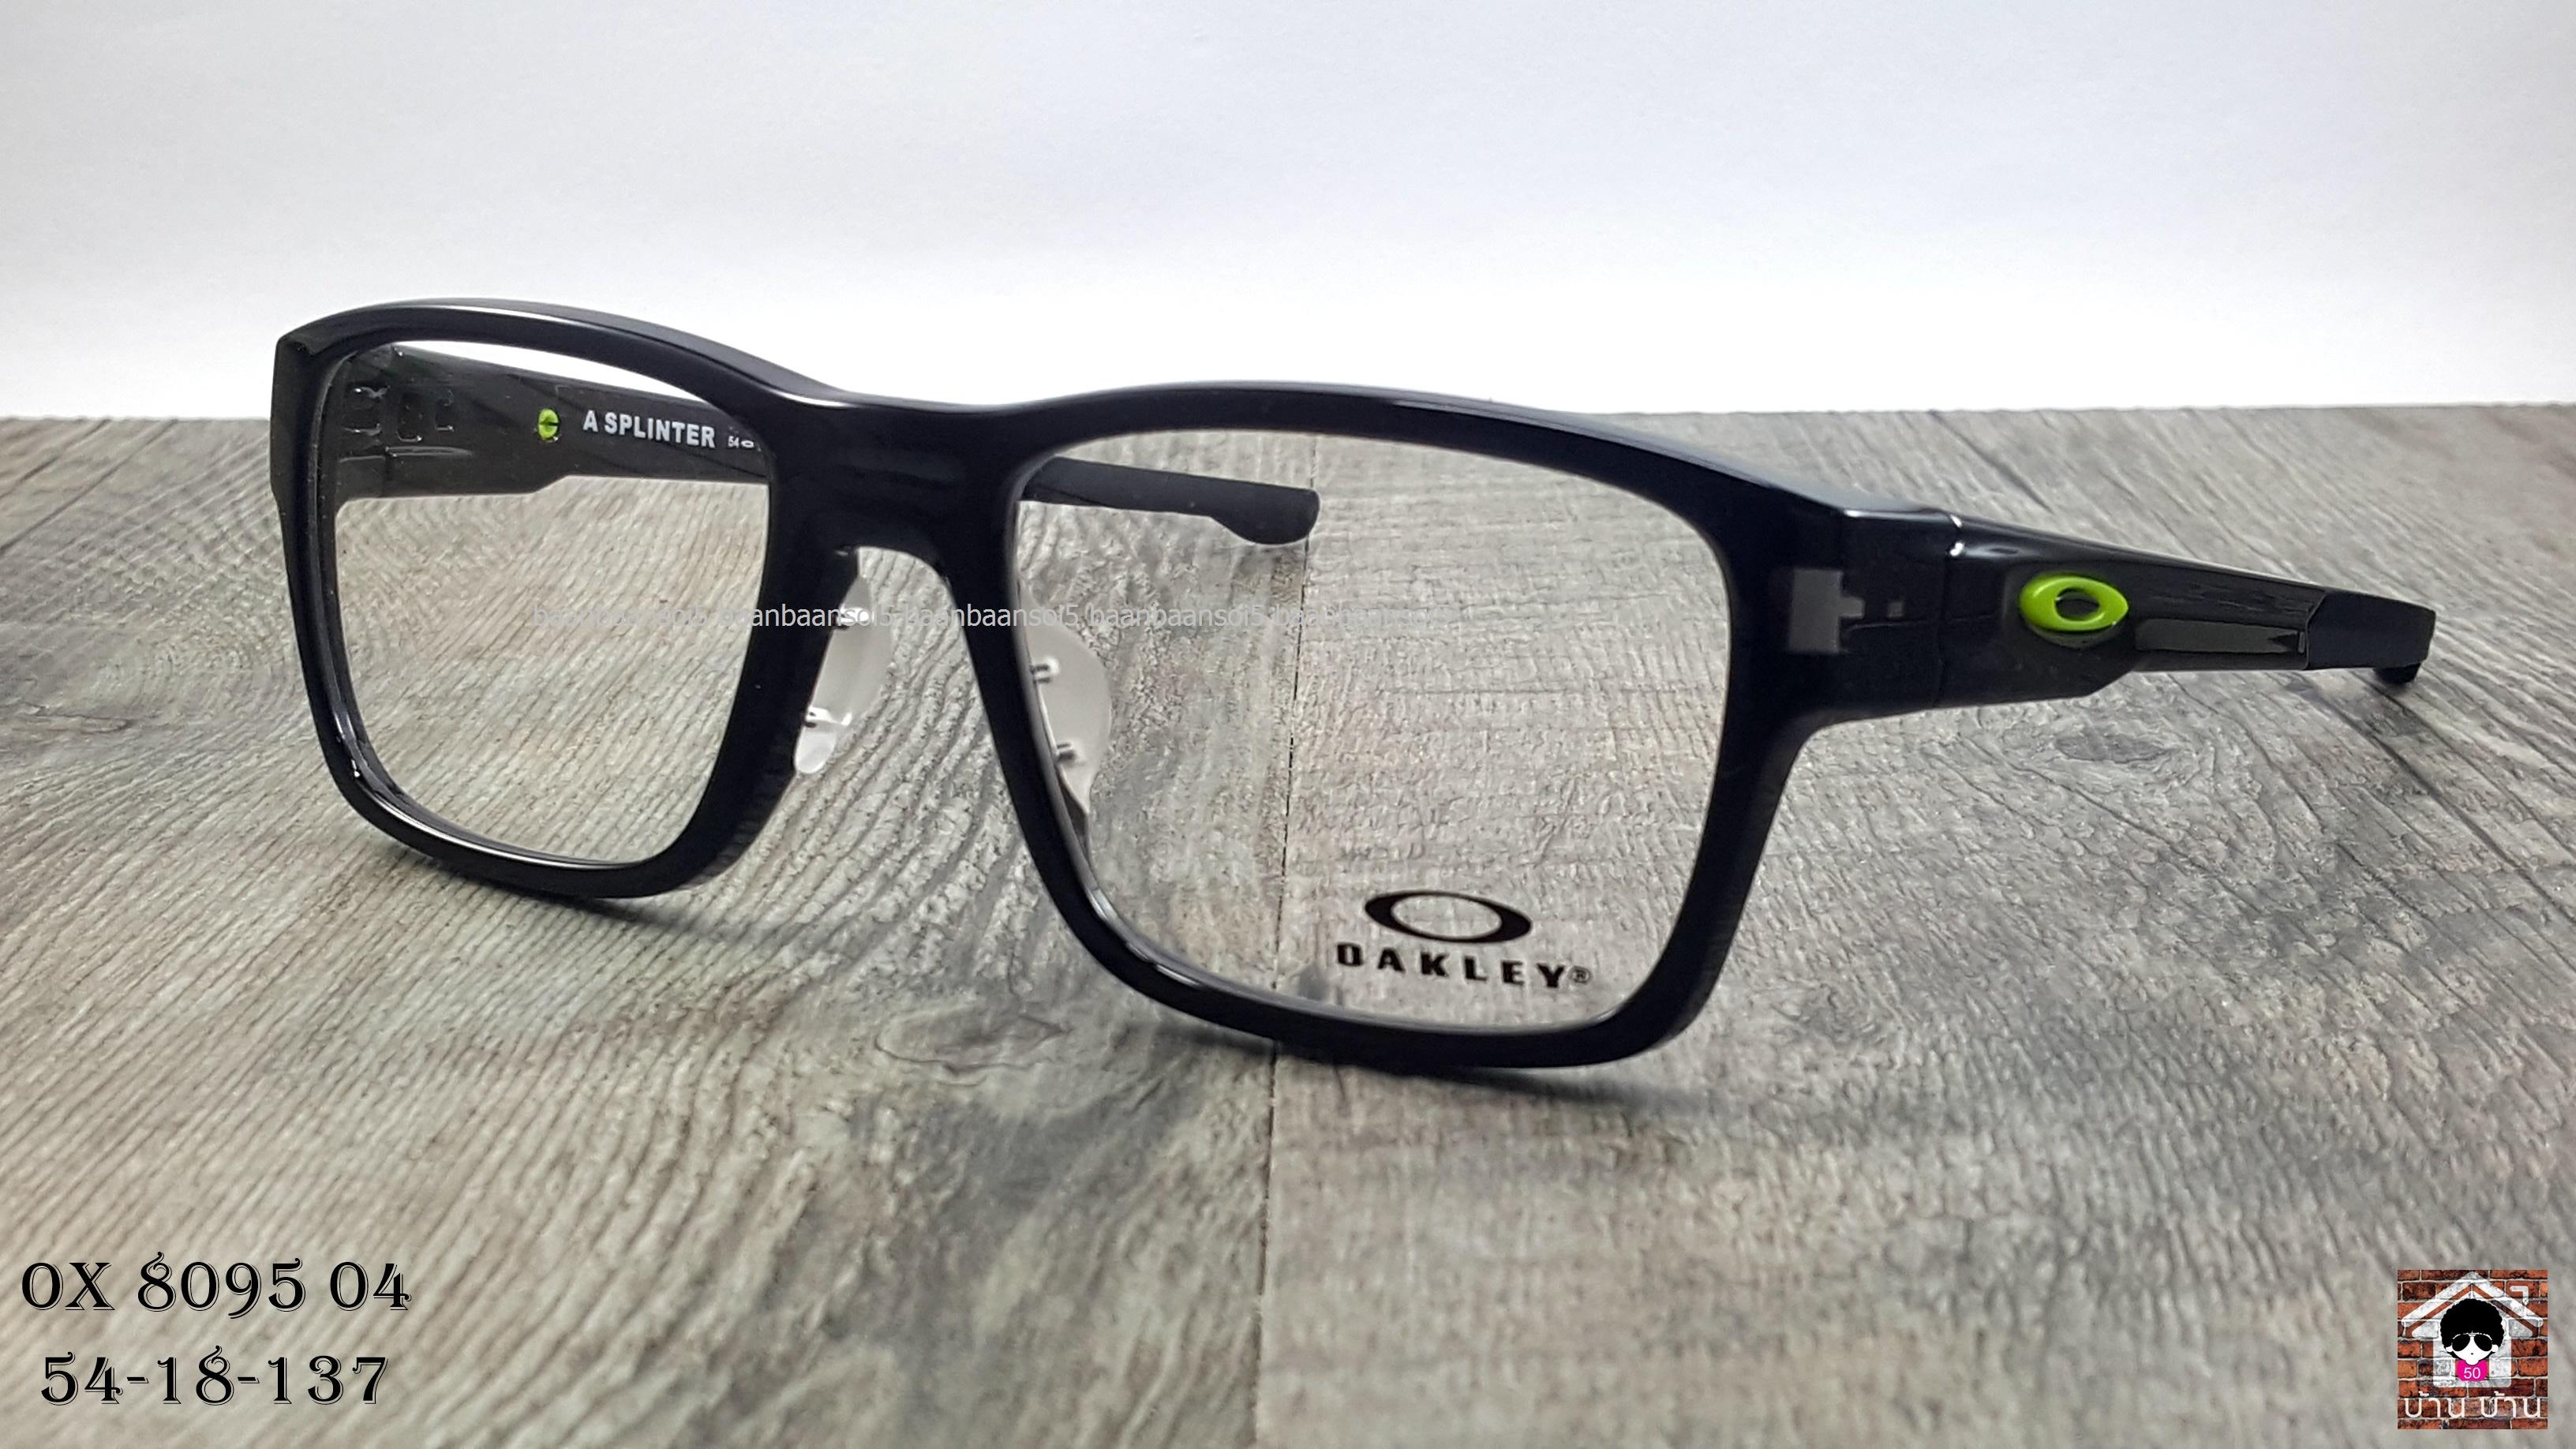 OAKLEY OX8095-04 SPLINTER (ASIA FIT) โปรโมชั่น กรอบแว่นตาพร้อมเลนส์ HOYA ราคา 3,900 บาท